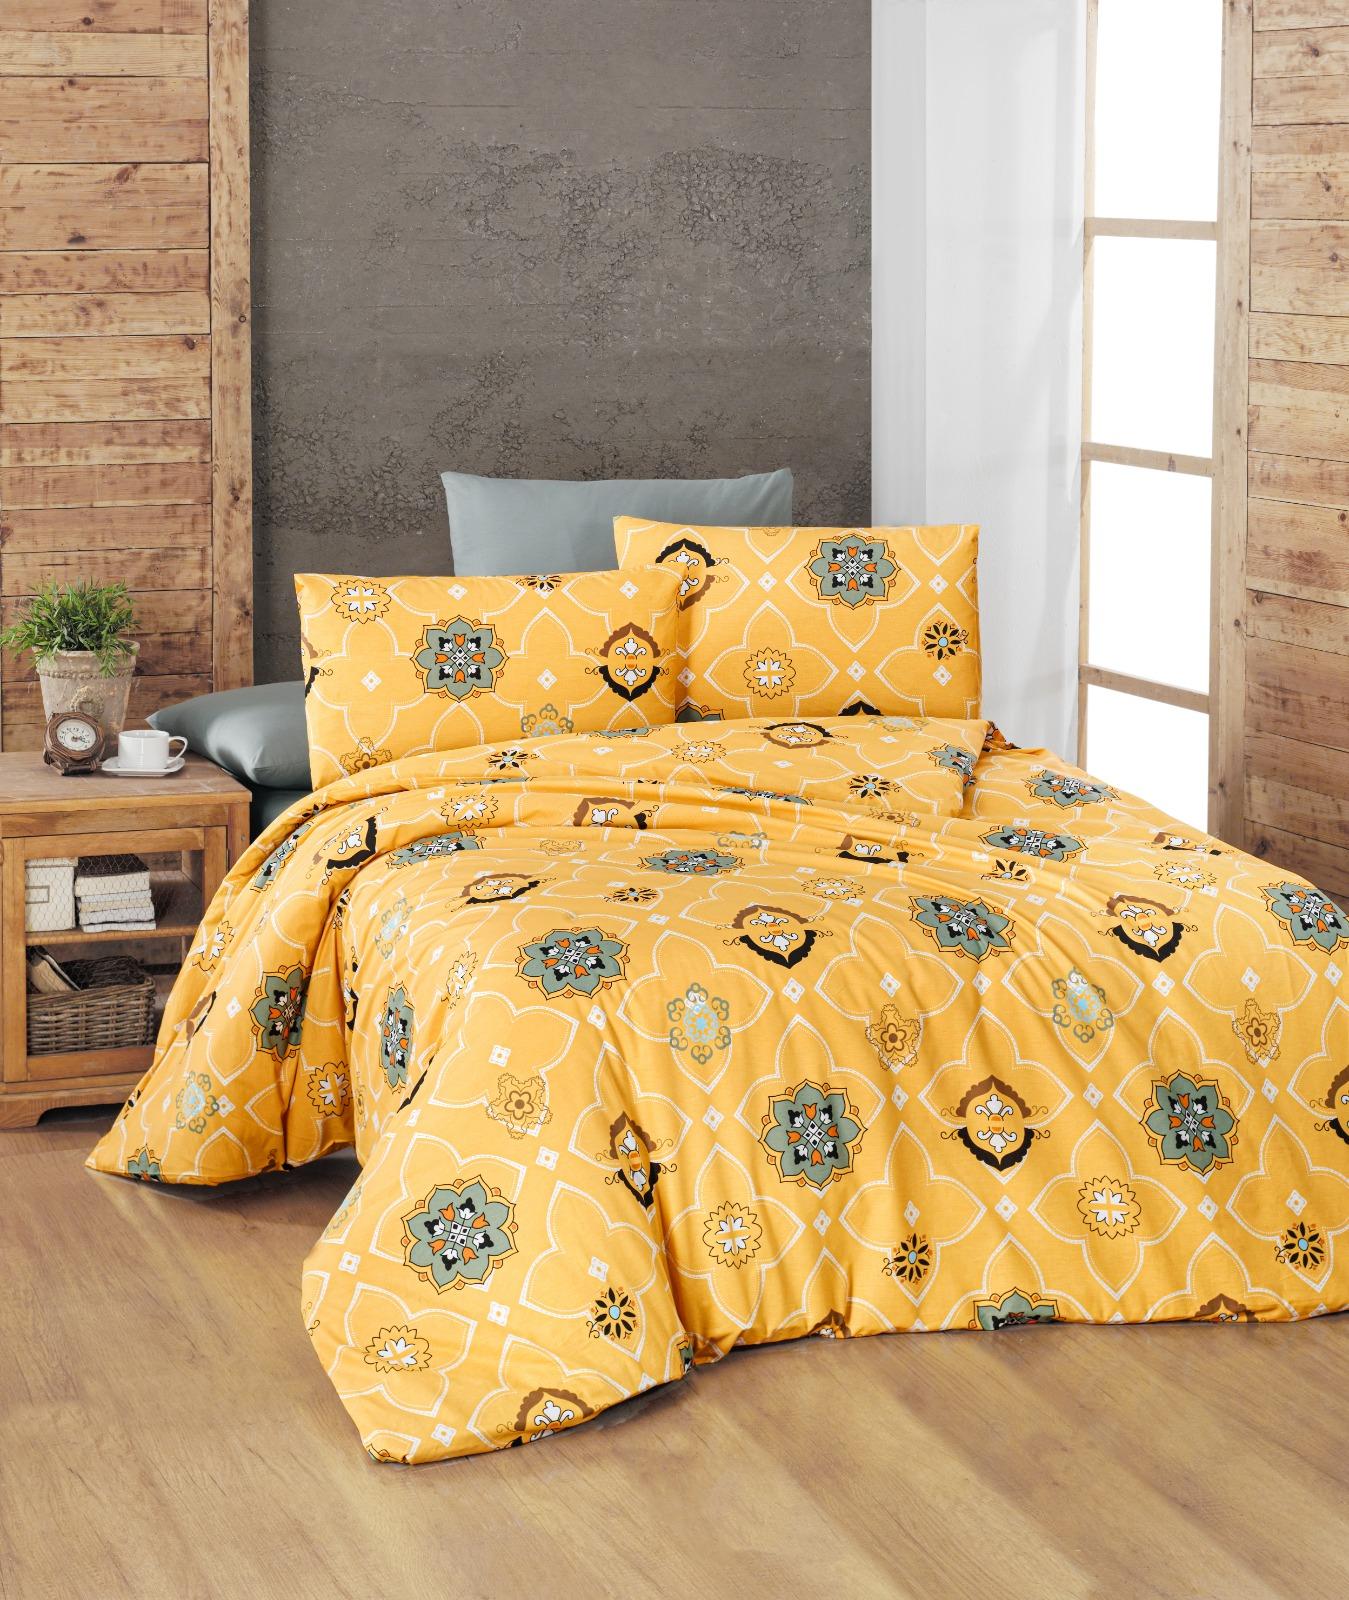 100% cotton Ranforce duvet cover set